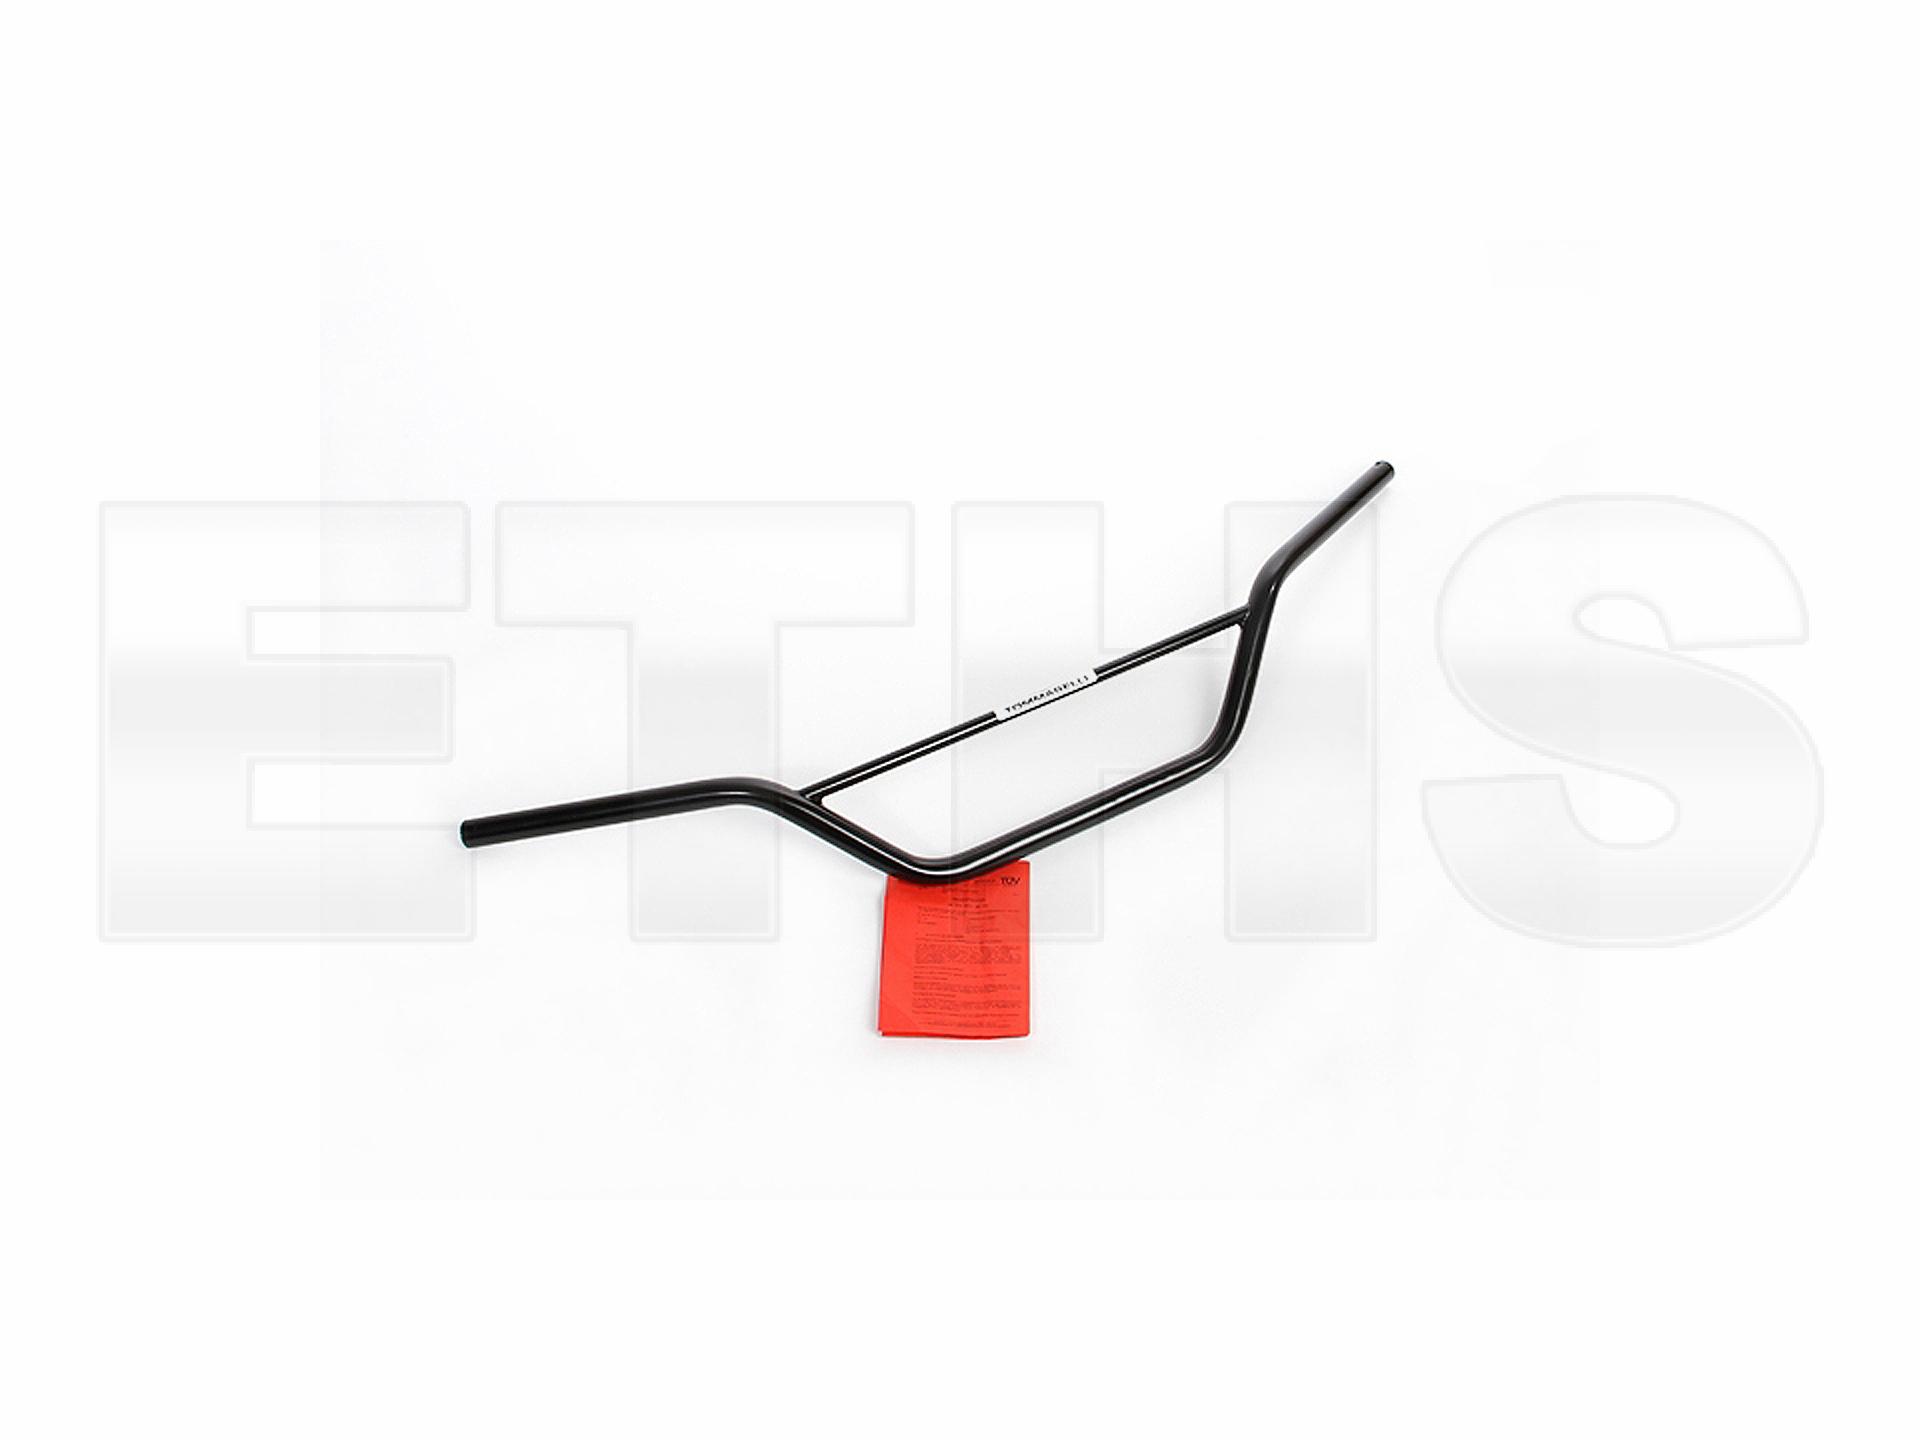 S70 S51 mit Fu/ßrastengummi neue Form 14 Teile Gummiteile im Satz schwarz S50